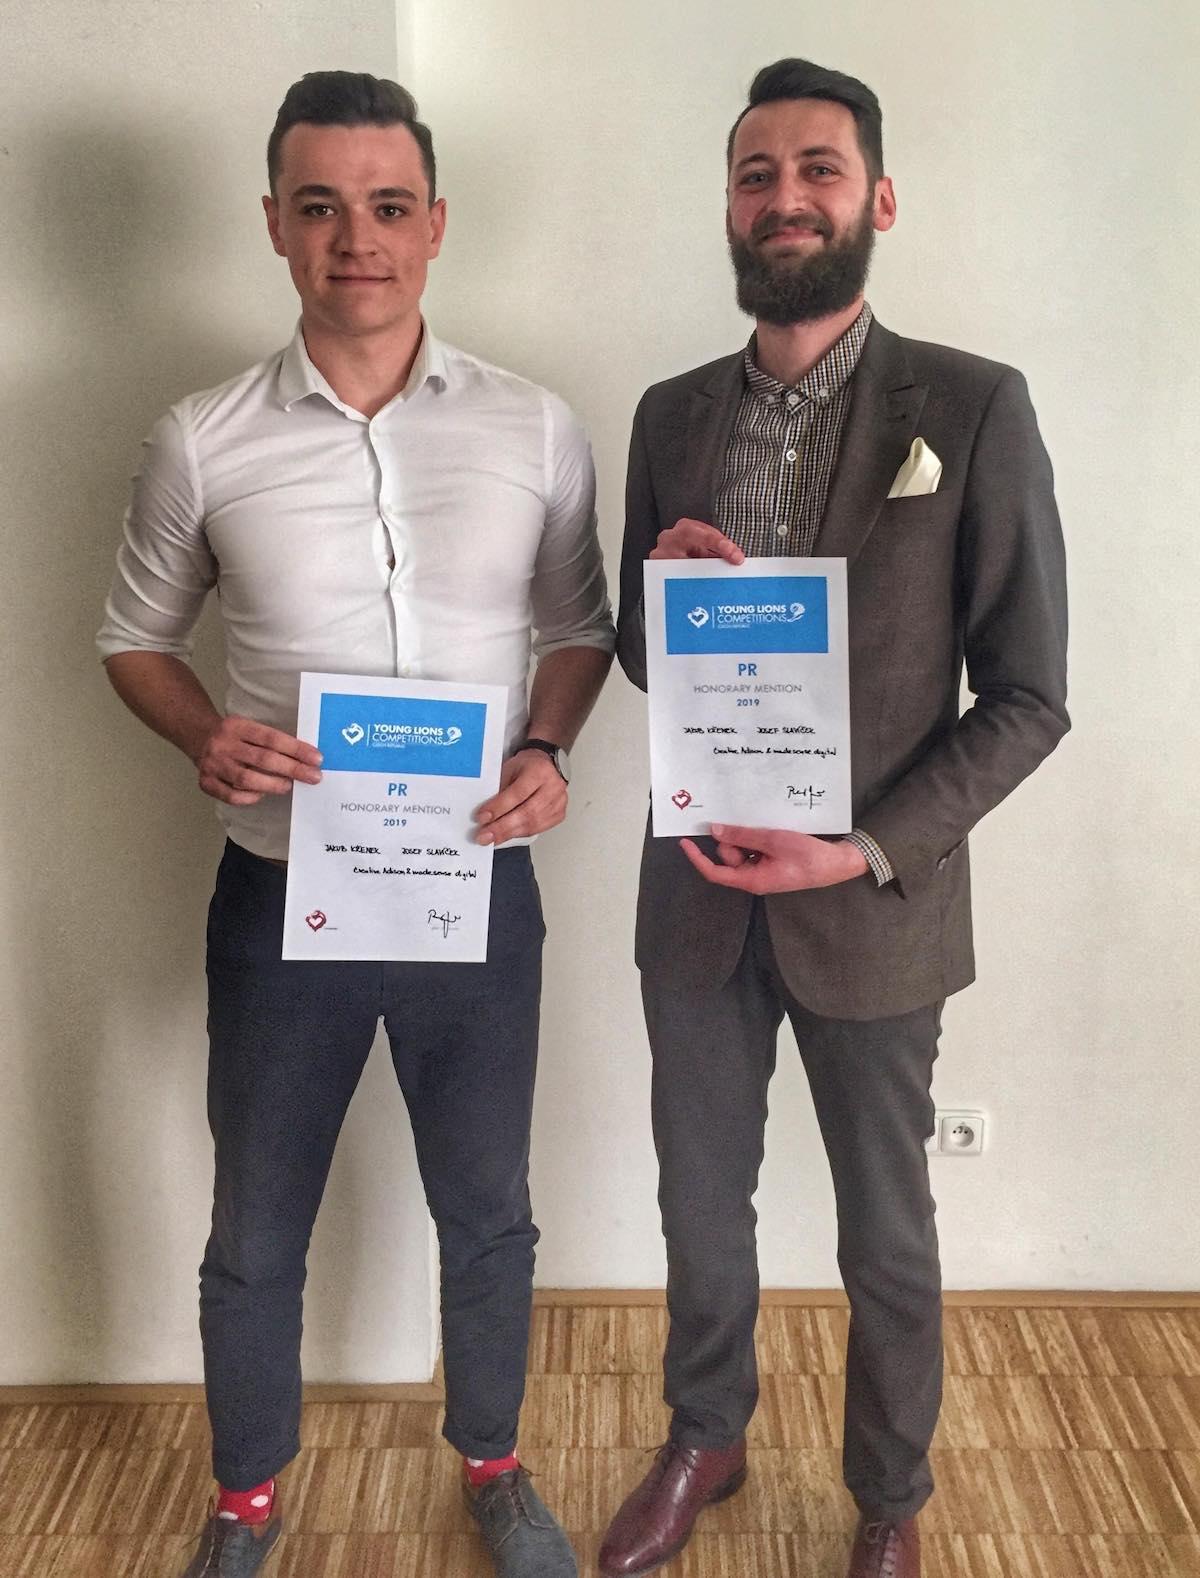 Čestné uznání dostali Josef Slavíček (Madesense.digital) a Jakub Křenek (Adison)